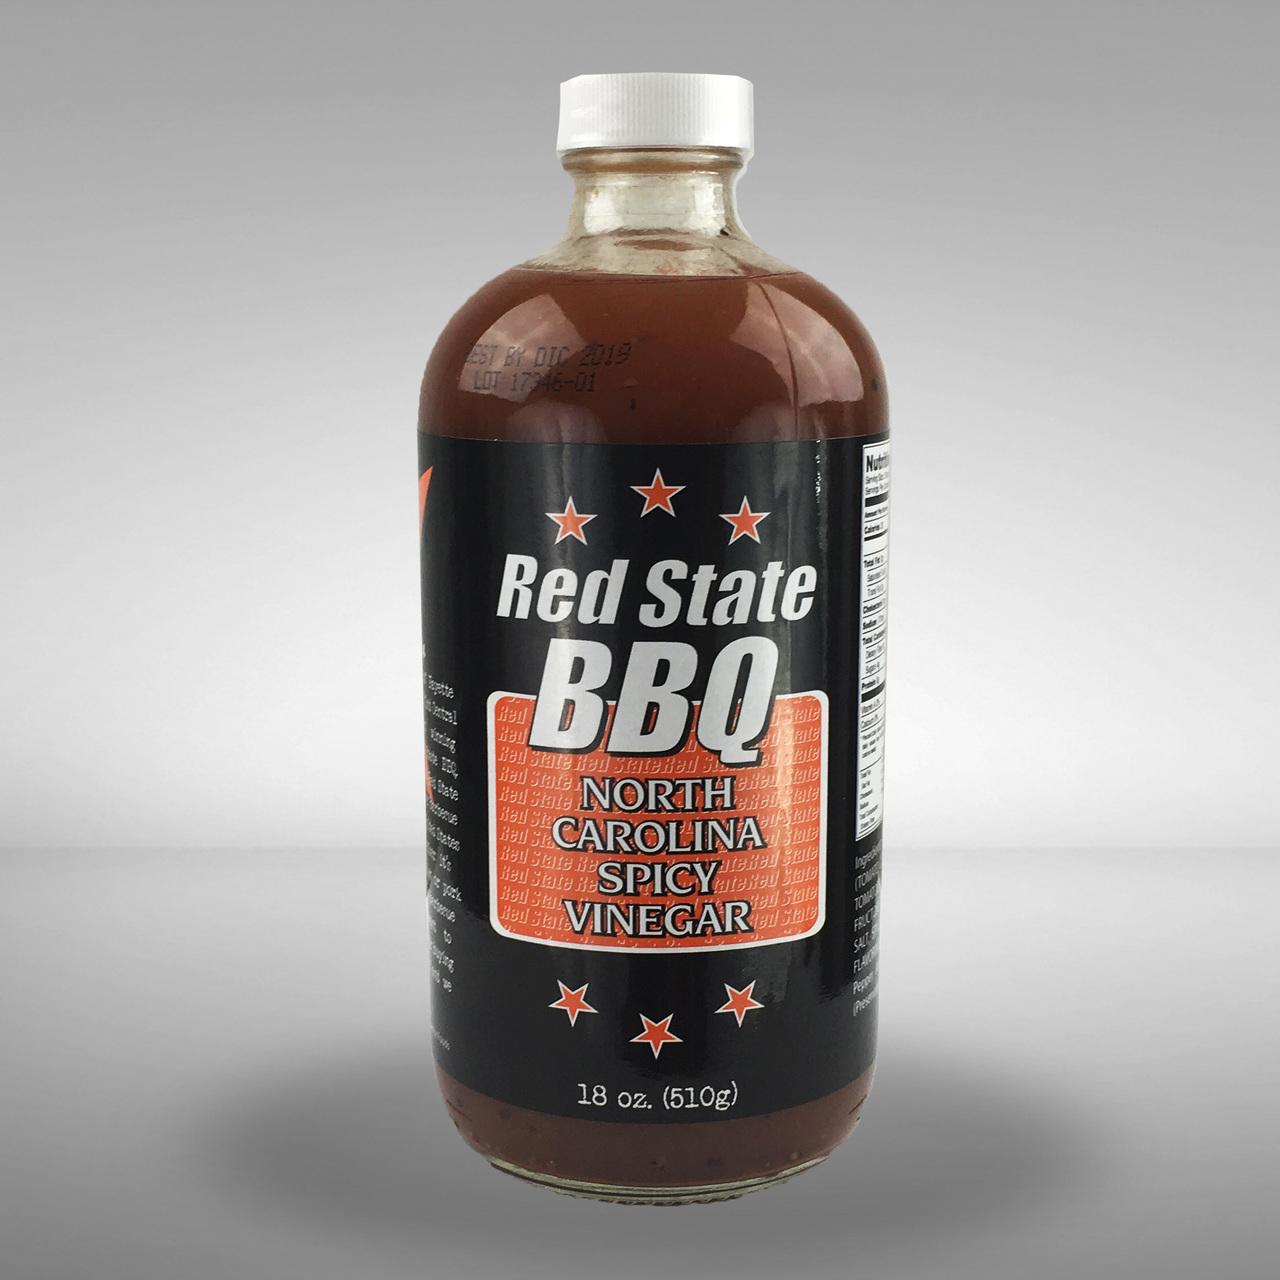 North Carolina Spicy Vinegar